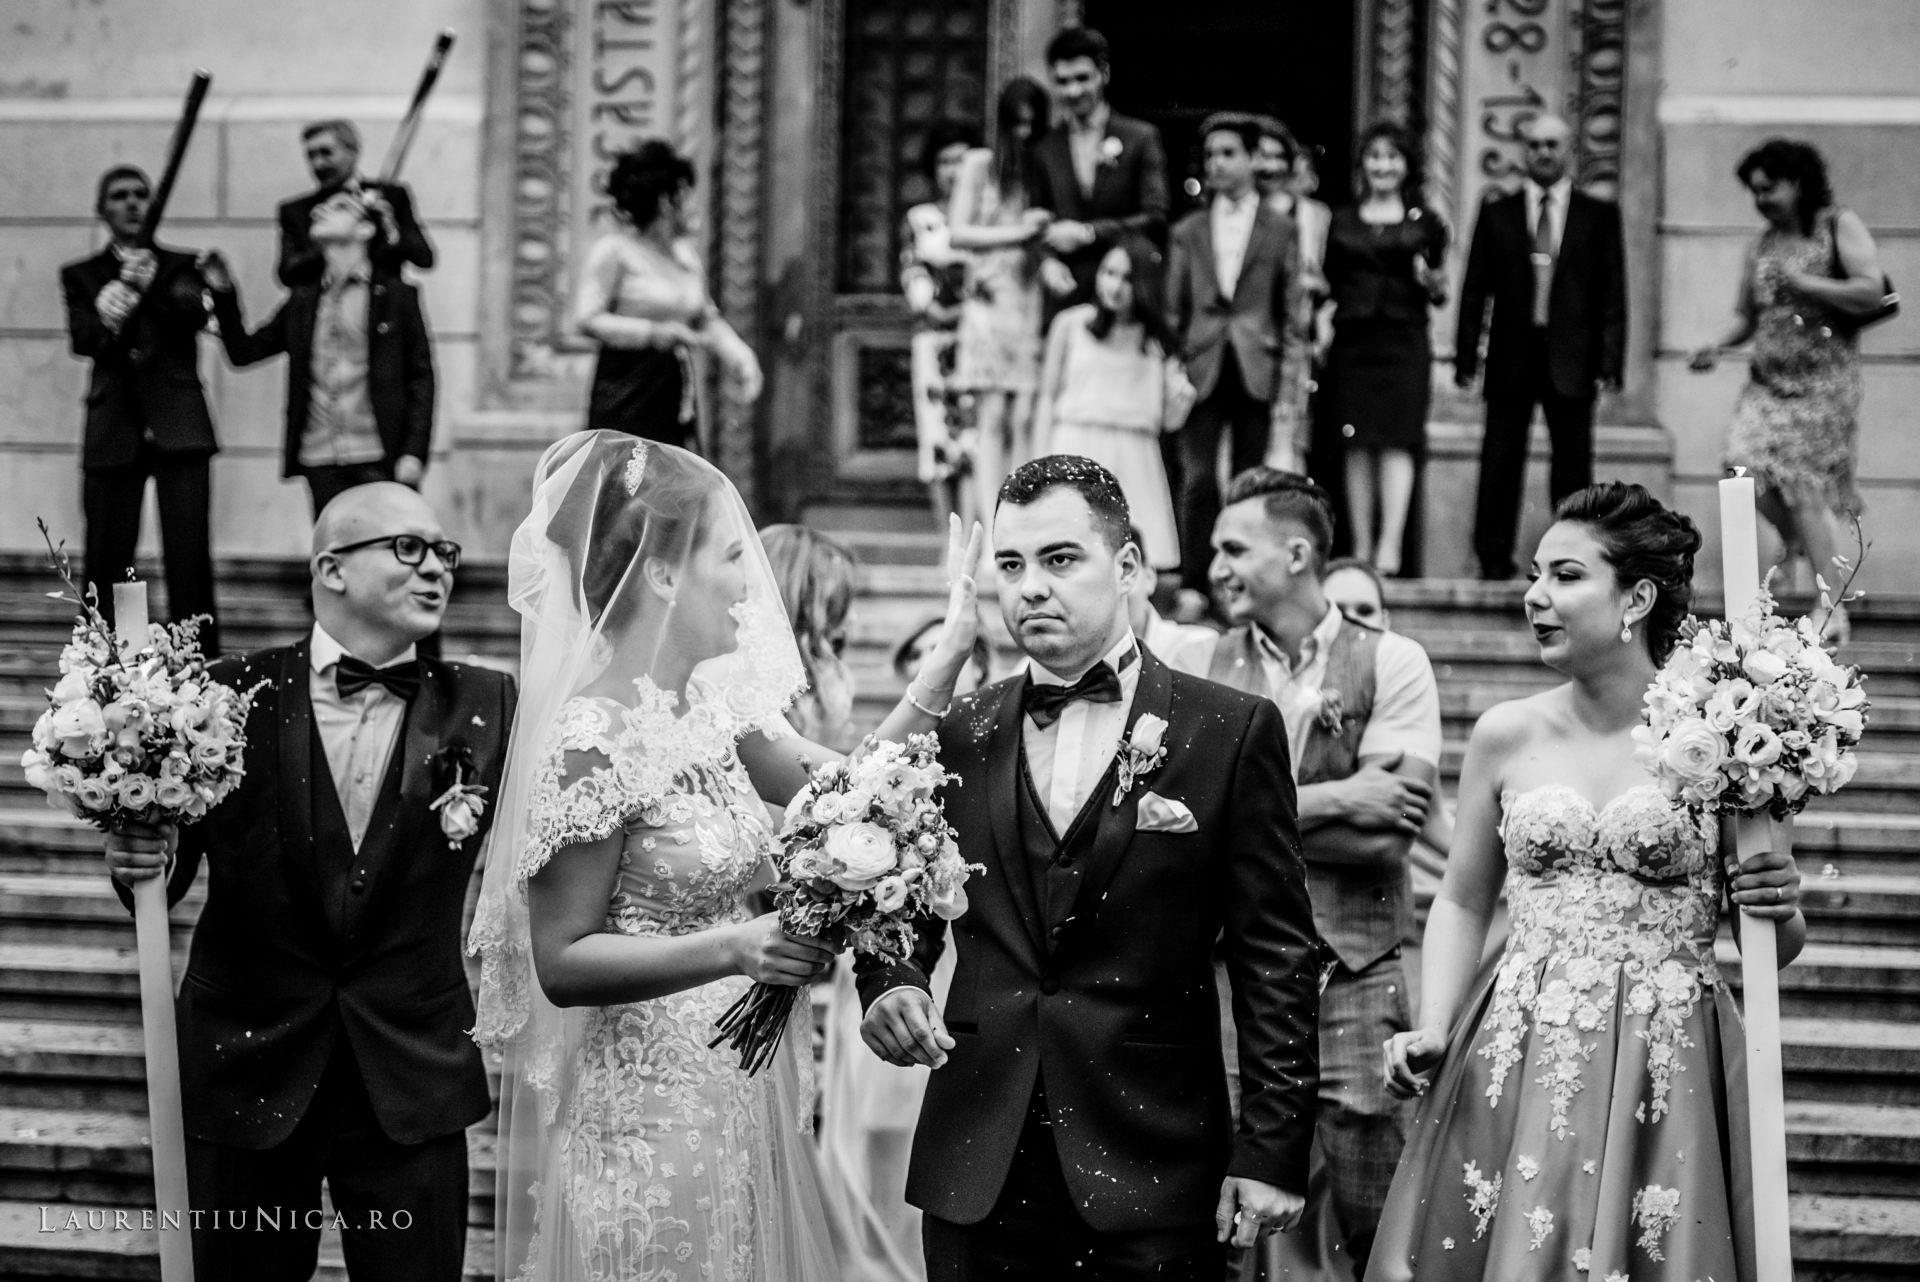 denisa si catalin fotograf nunta laurentiu nica craiova 57 - Denisa si Catalin | Fotografii nunta | Craiova